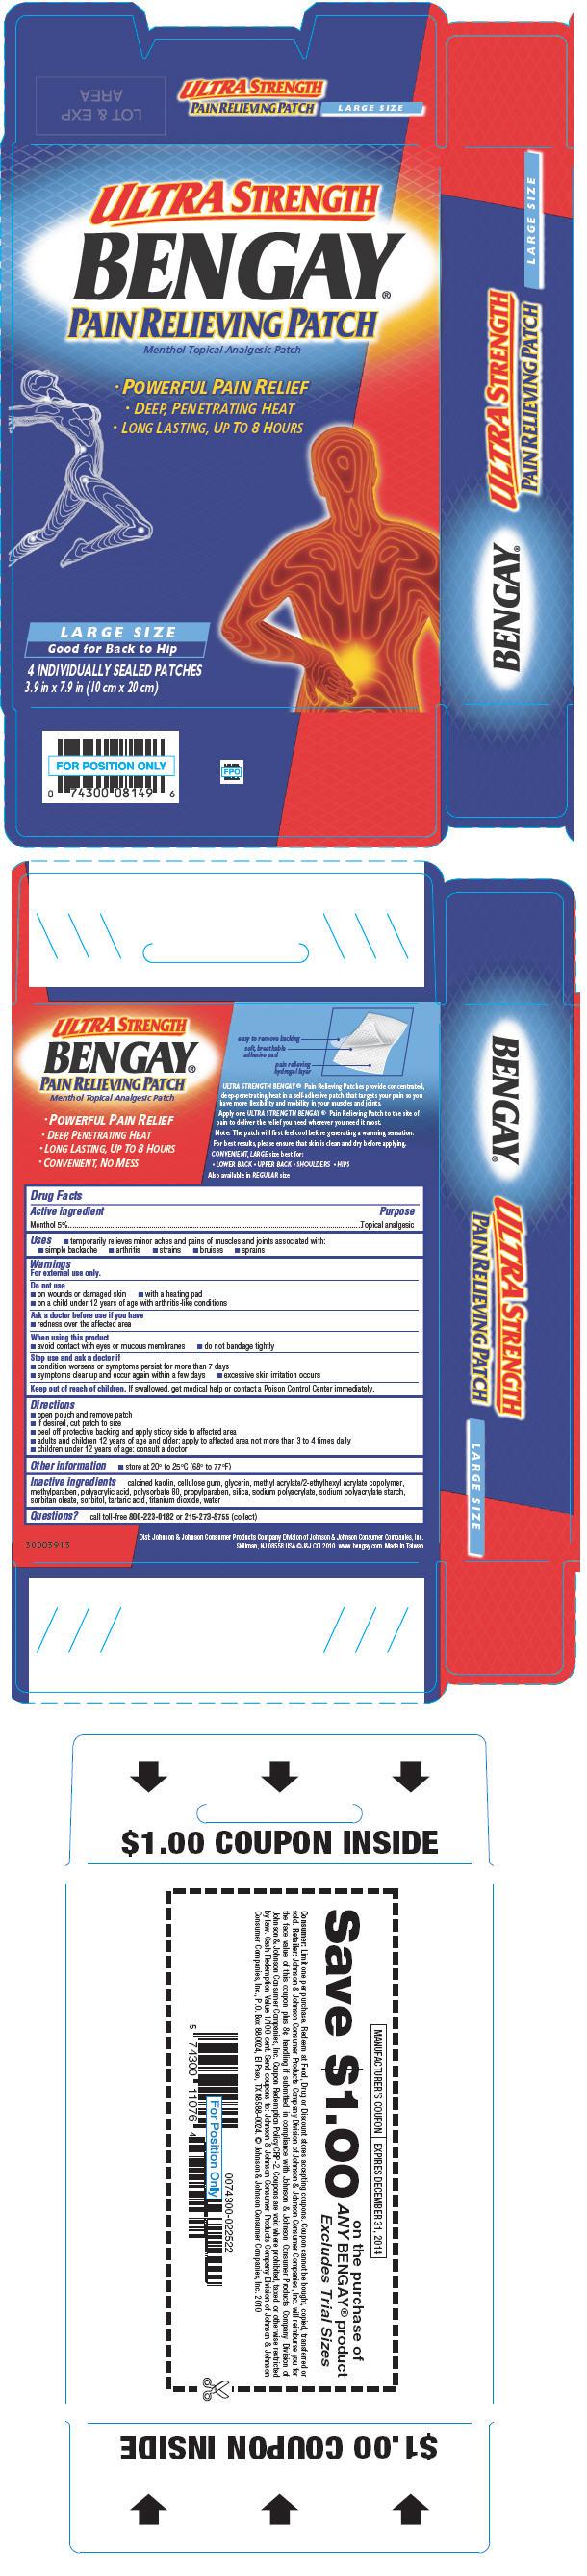 PRINCIPAL DISPLAY PANEL - 4 Patch Carton